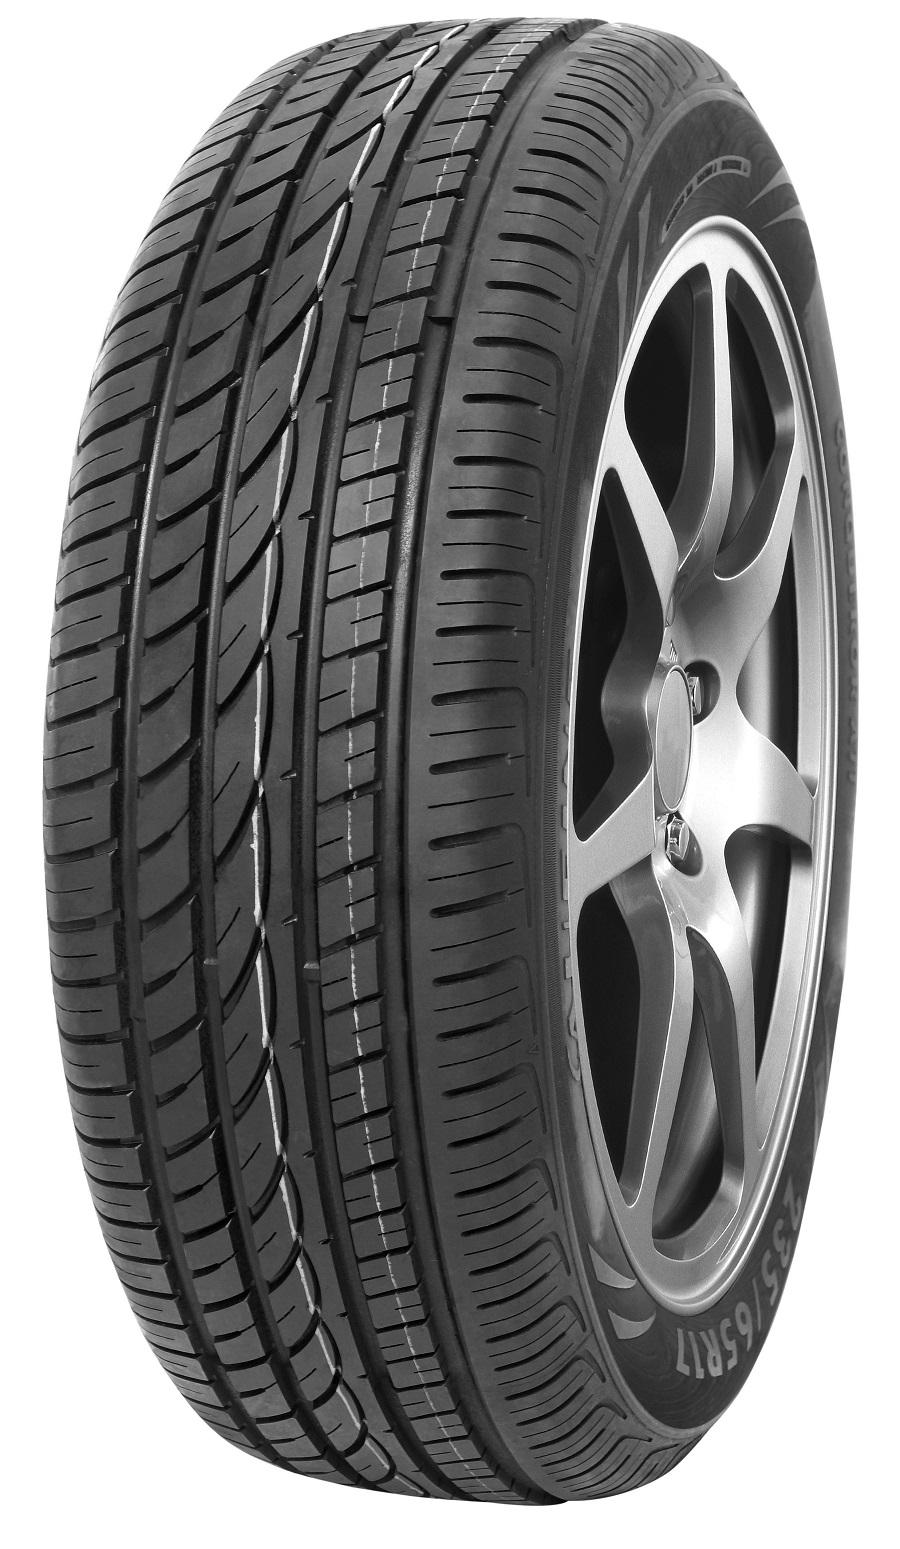 Kingrun 235/50R18 101W K3000 XL DOT16